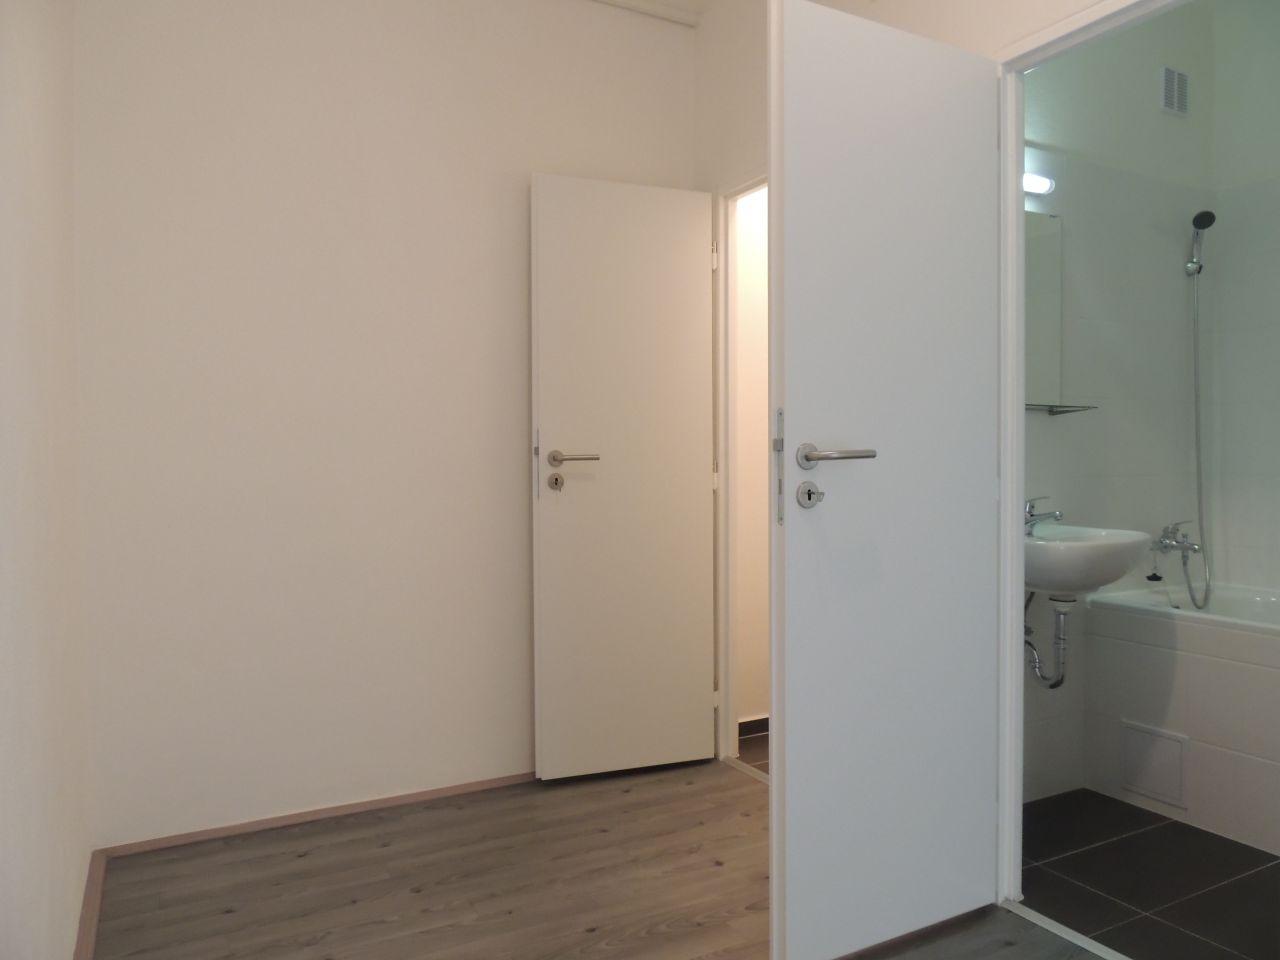 Pronájem bytu 1+1 34 m2, ul. Volgogradská 2494/41, Ostrava - Zábřeh